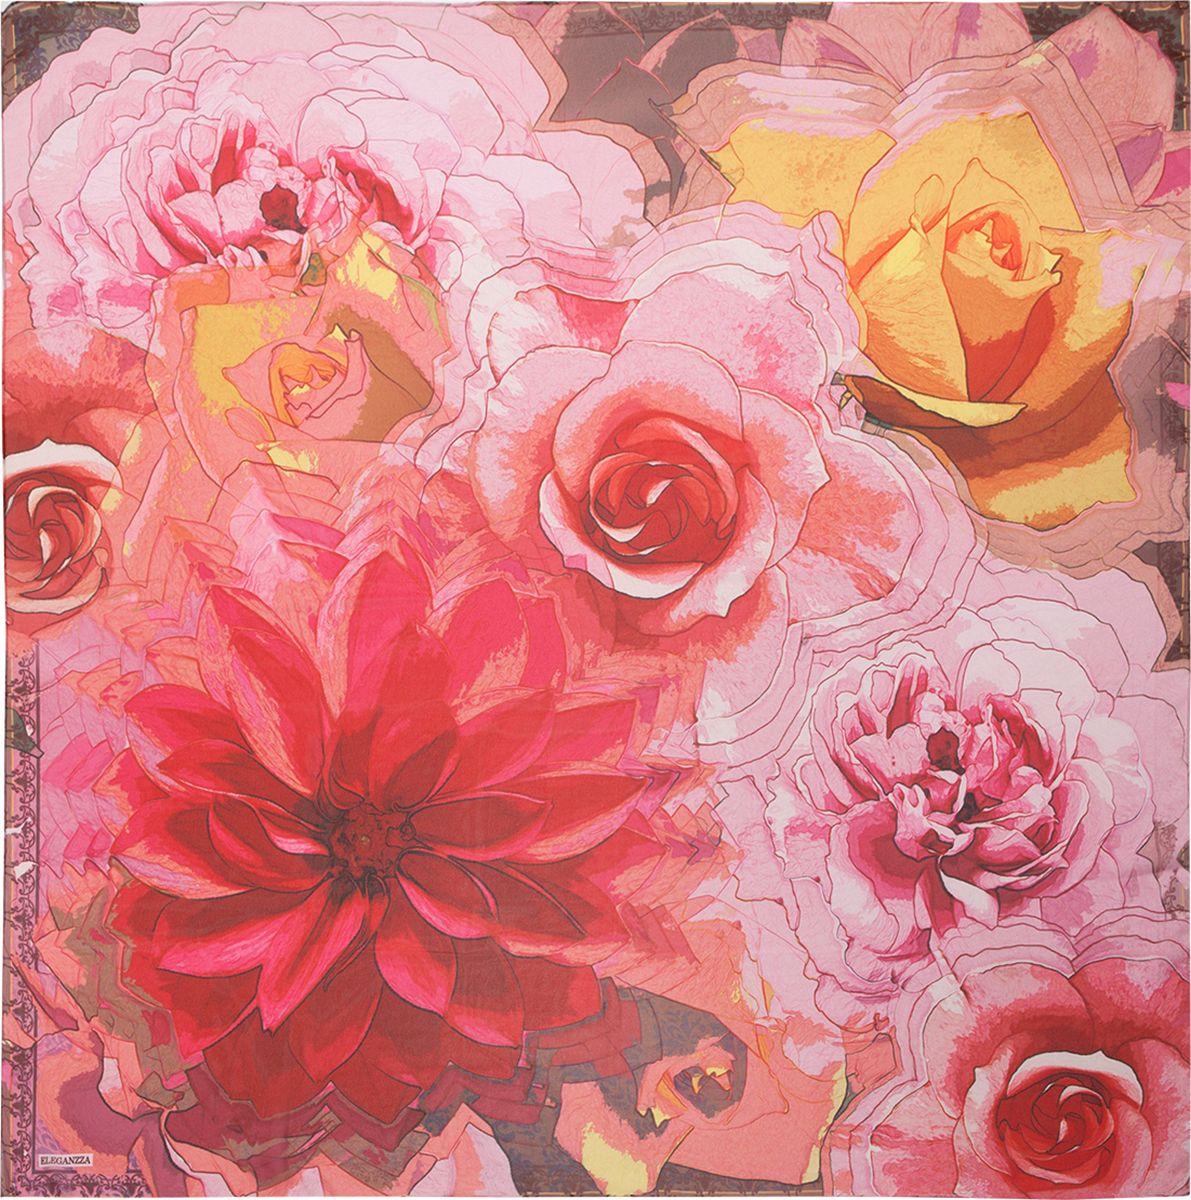 Платок женский Eleganzza, цвет: красный, розовый. D02-1200. Размер 110 см х 110 смD02-1200Платок Eleganzza, выполненный из шелка, идеально дополнит образ современной женщины. Модель оформлена принтом. Классическая квадратная форма позволяет носить платок на шее, украшать им прическу или декорировать сумочку. С таким аксессуаром вы всегда будете выглядеть стильно и модно.